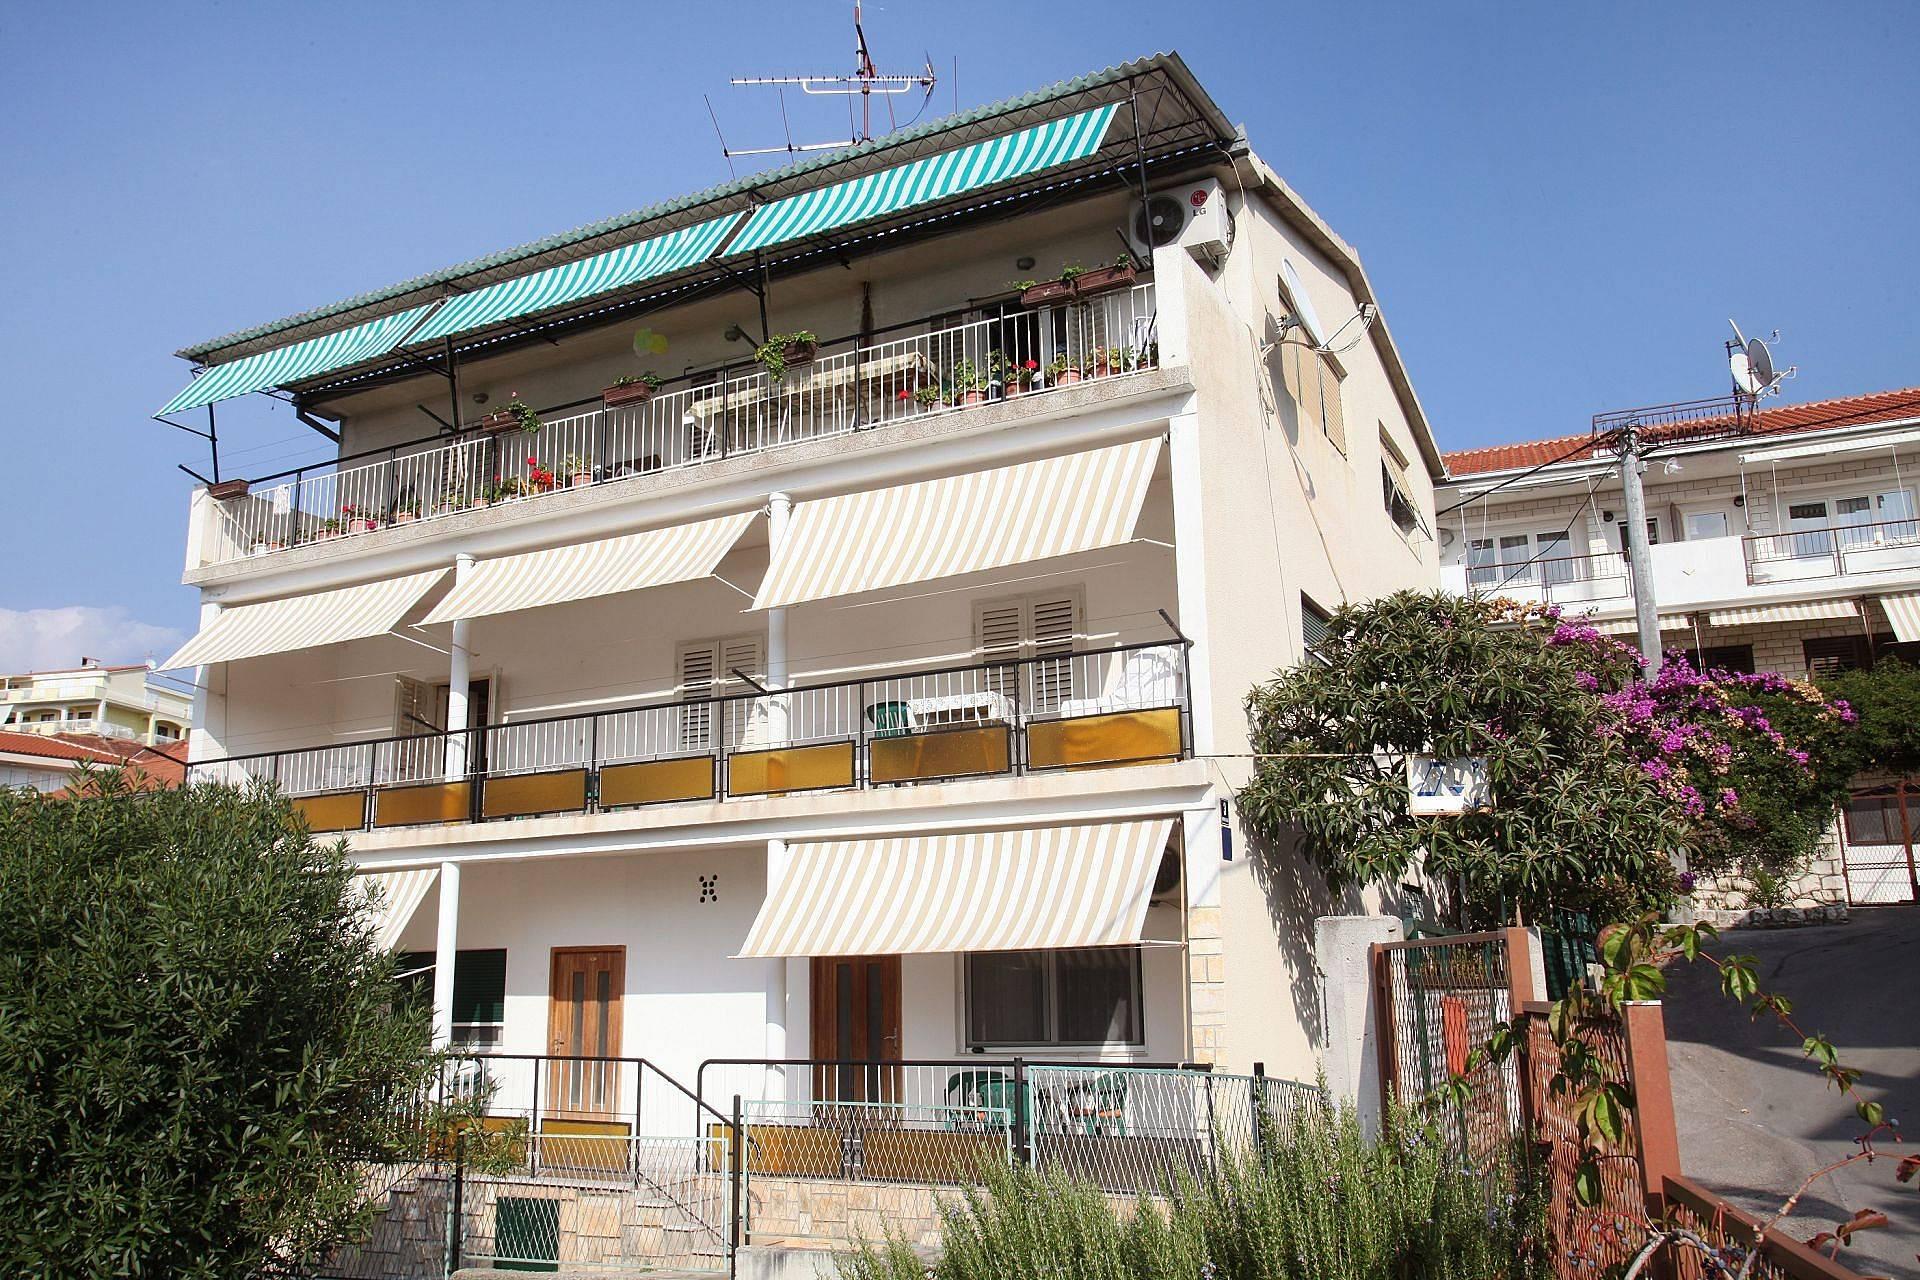 Appartamento per 8 persone spalatino dalmata tra for Appartamento amsterdam 8 persone